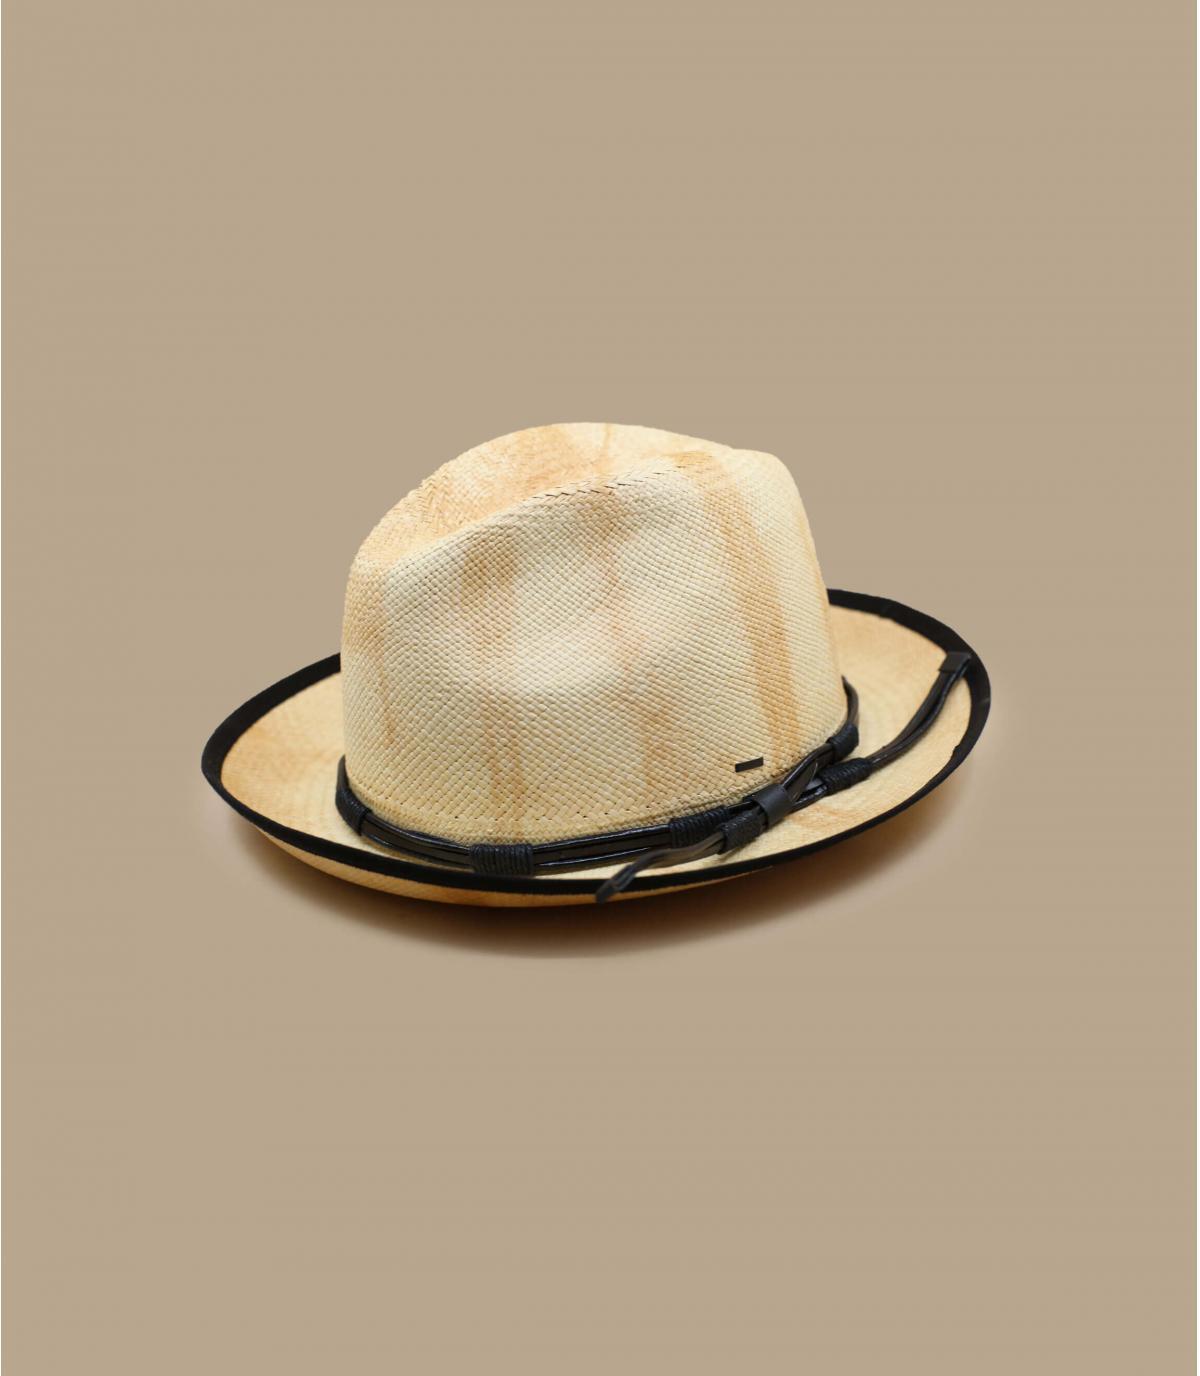 Détails Clafin Panama tea stain - image 2